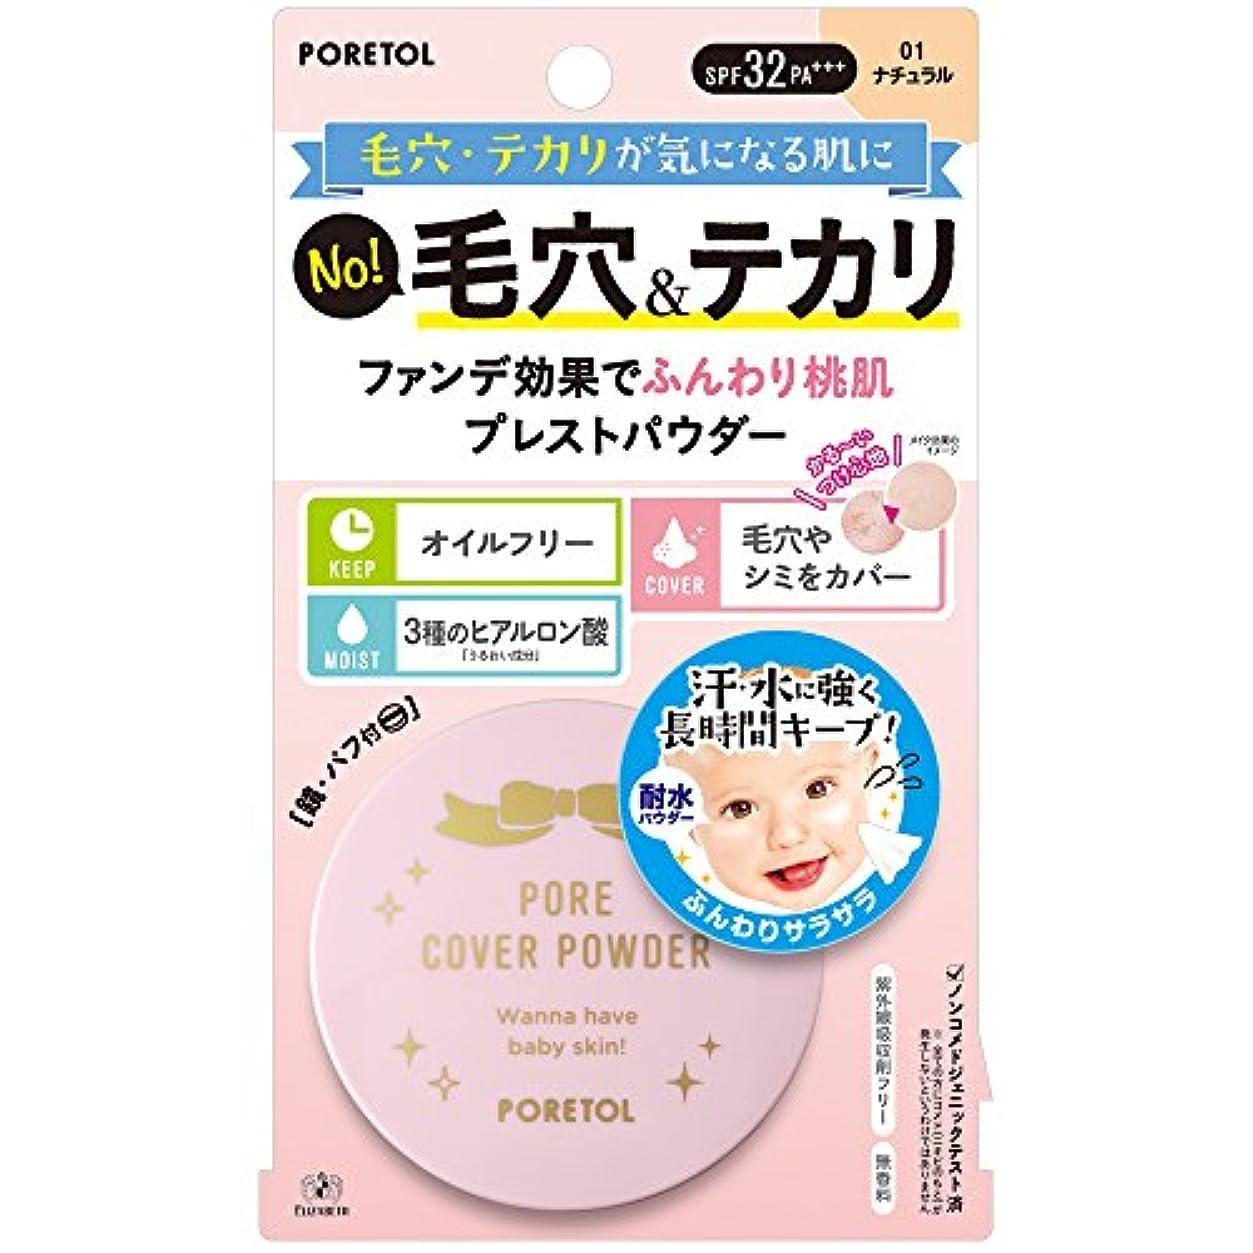 消化器封筒ライオネルグリーンストリートポアトル ポアカバーパウダー 01 ナチュラル